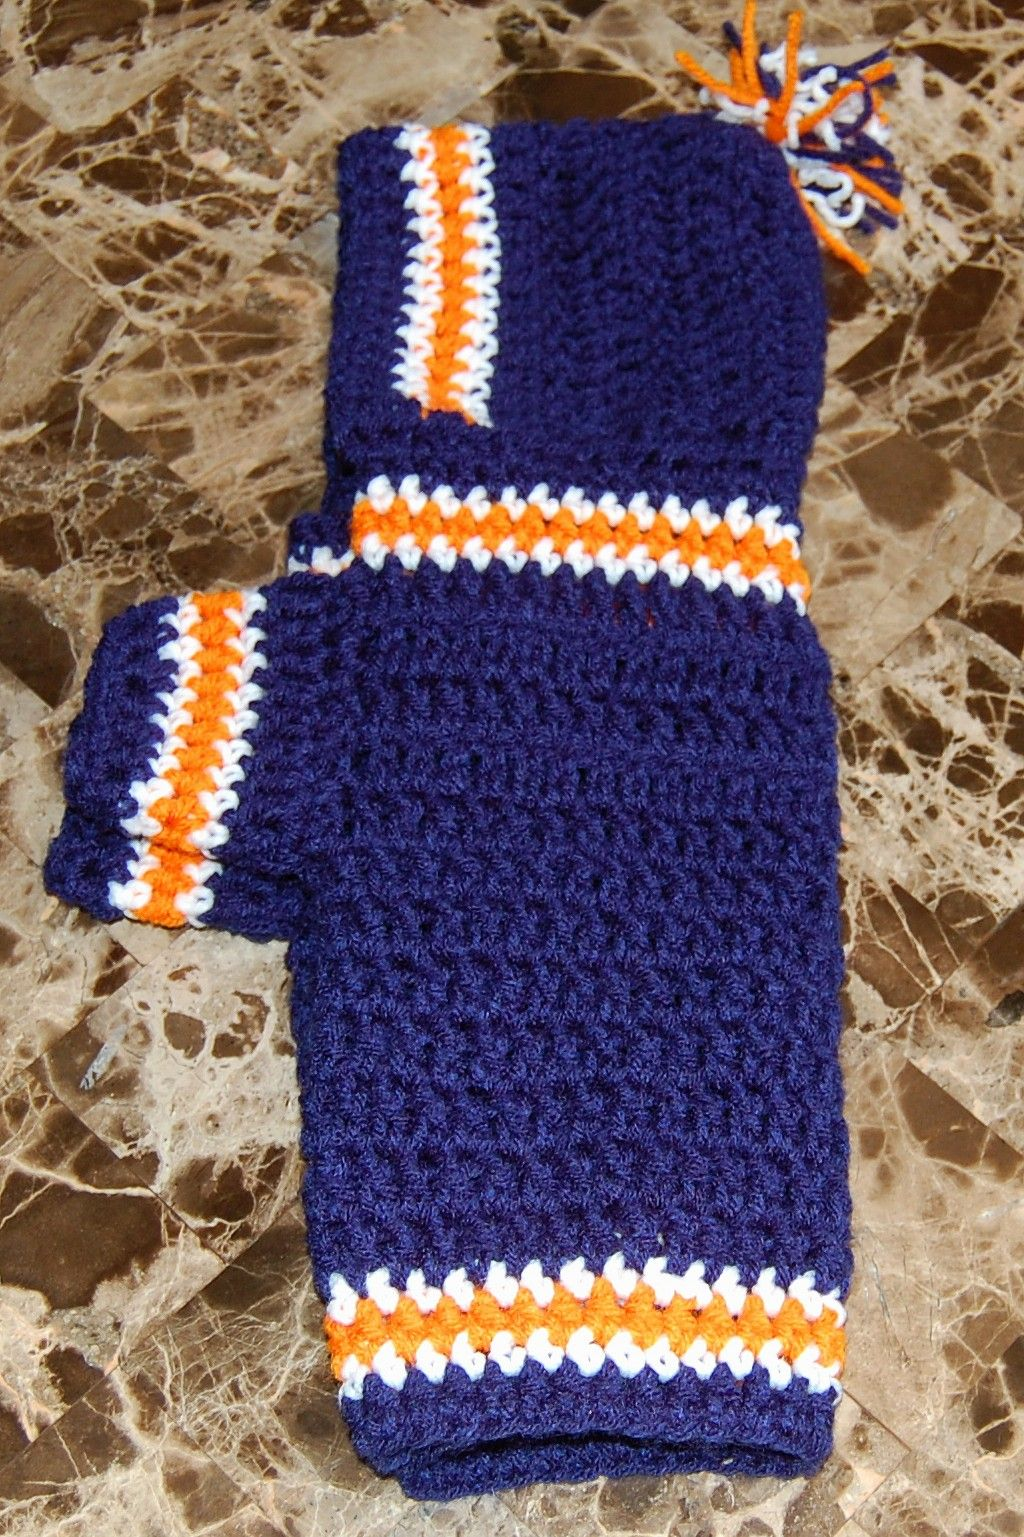 Freecrochetdogcoatpattern crochet pattern sports team dog freecrochetdogcoatpattern crochet pattern sports team dog bankloansurffo Gallery